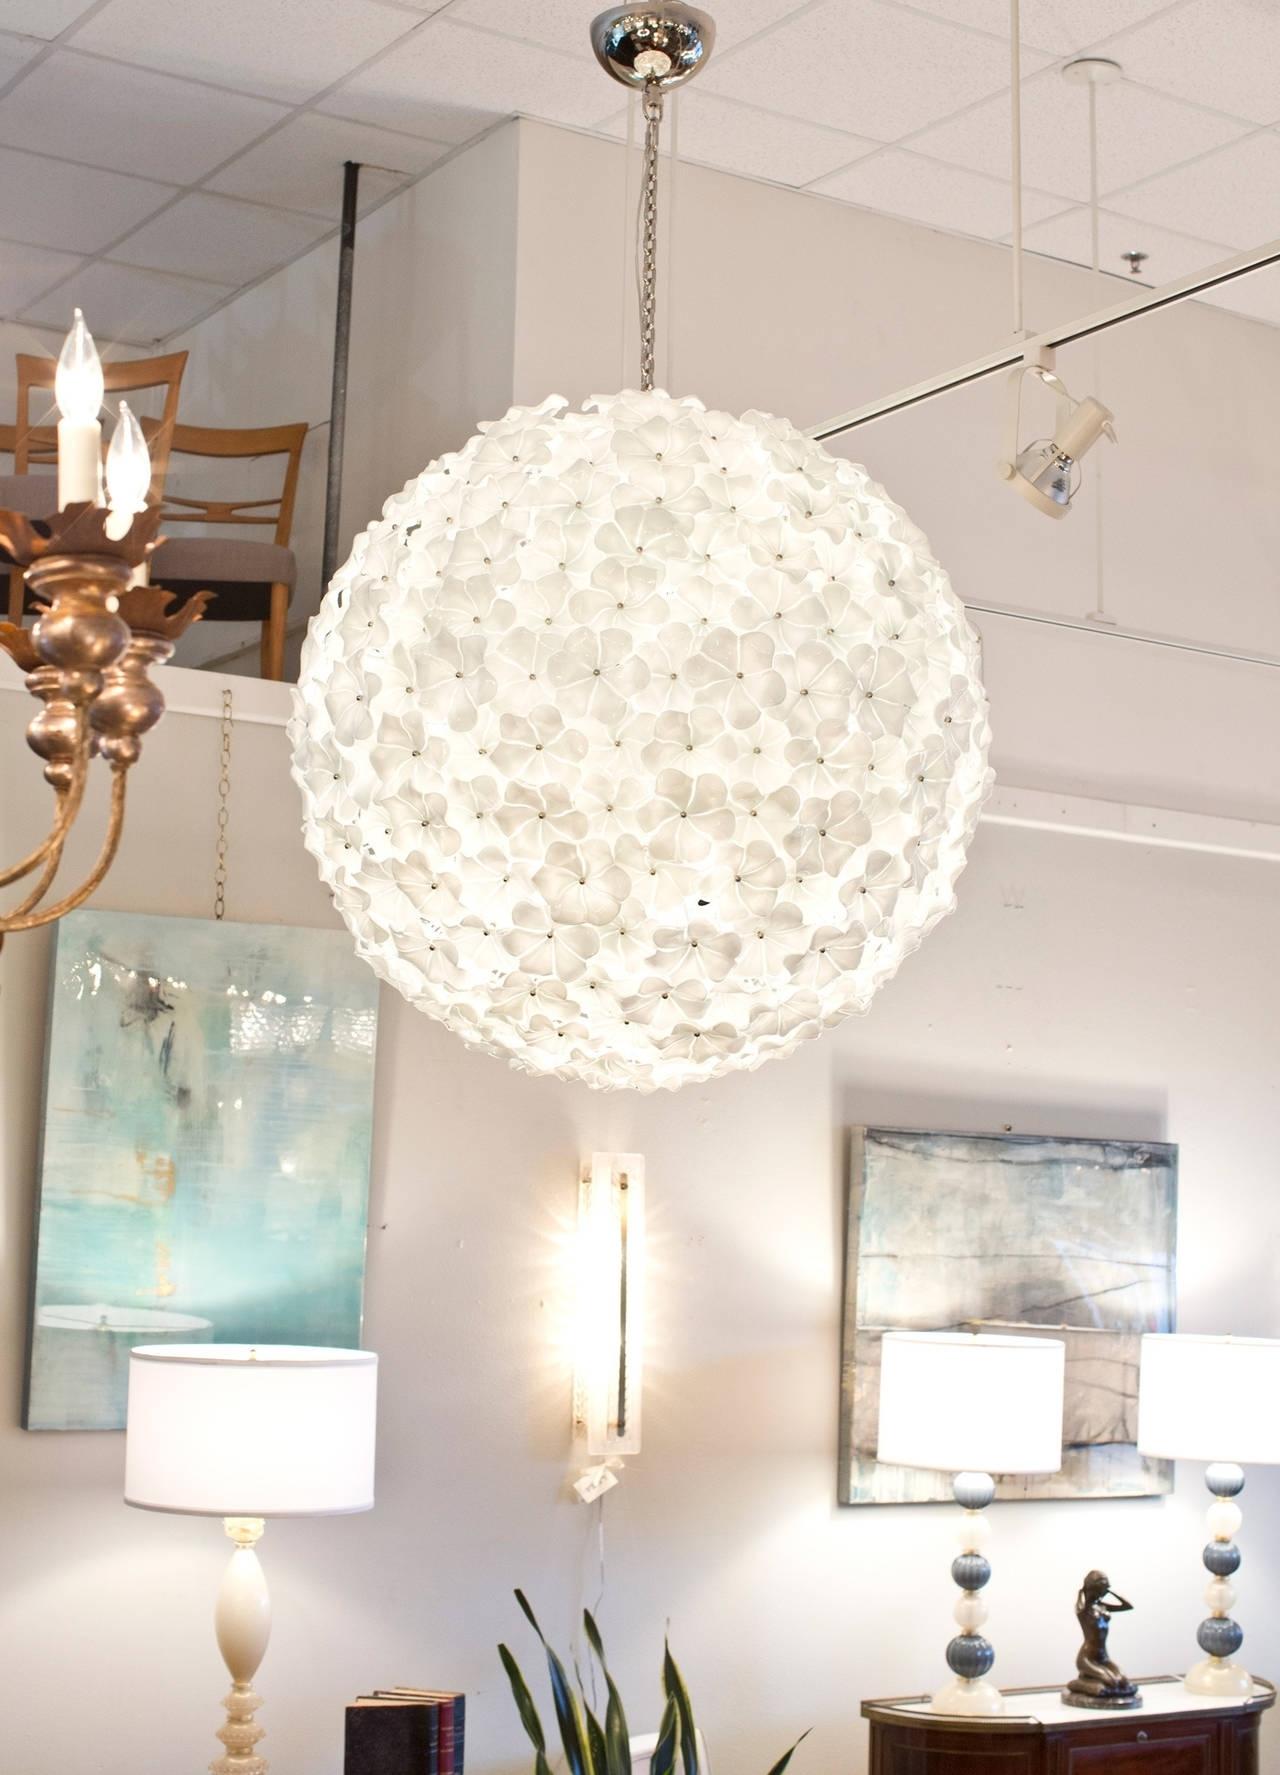 Fashionable Murano Chandelier Replica In Home Design : Murano Chandelier Replica Murano Chandelier Replica (View 5 of 20)